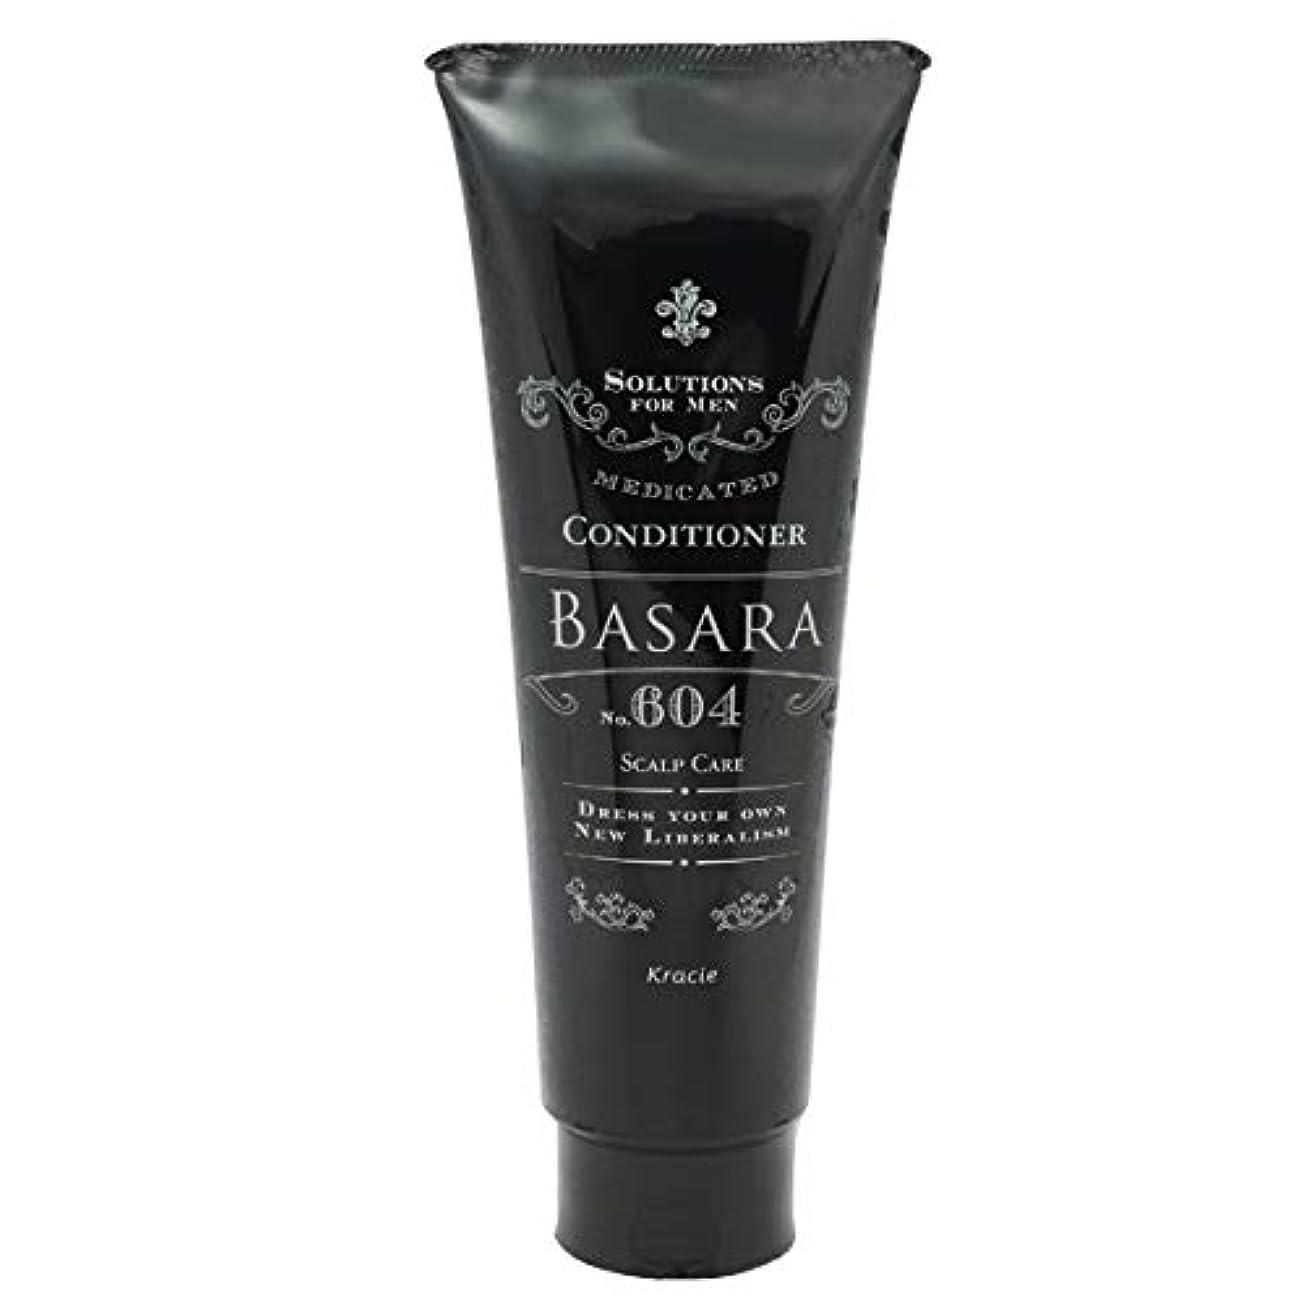 イディオム足ほとんどの場合サロンモード(Salon Mode) クラシエ バサラ 薬用スカルプ コンディショナー 604 250g